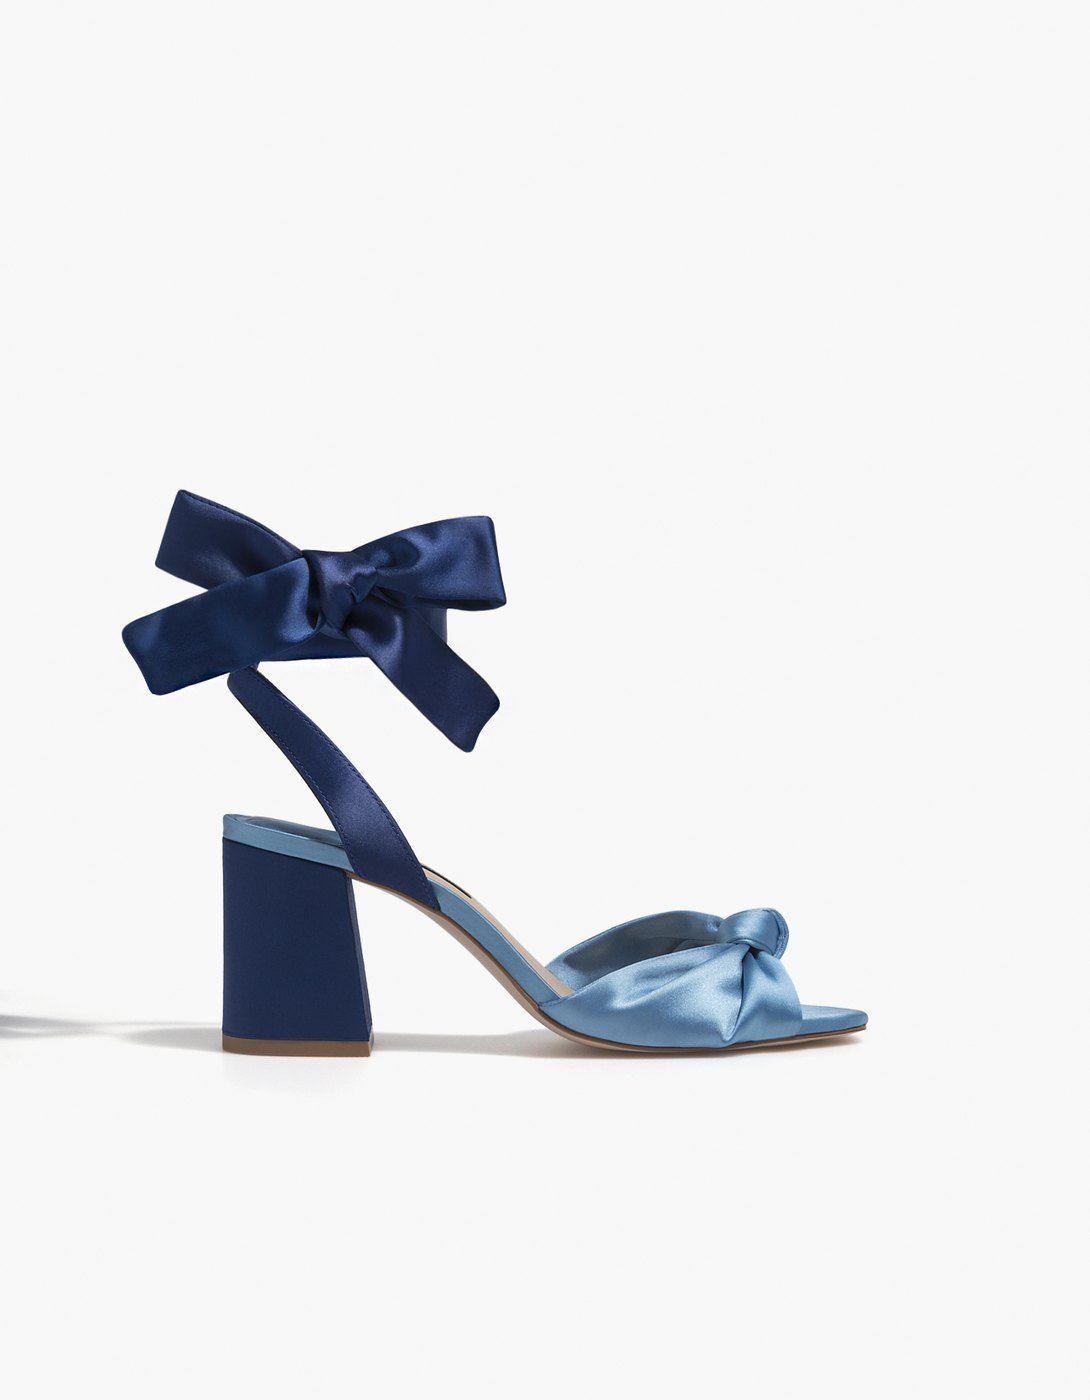 Sandales Satin Shoes Combinées France NouveauStradivarius hoxQCsdBtr